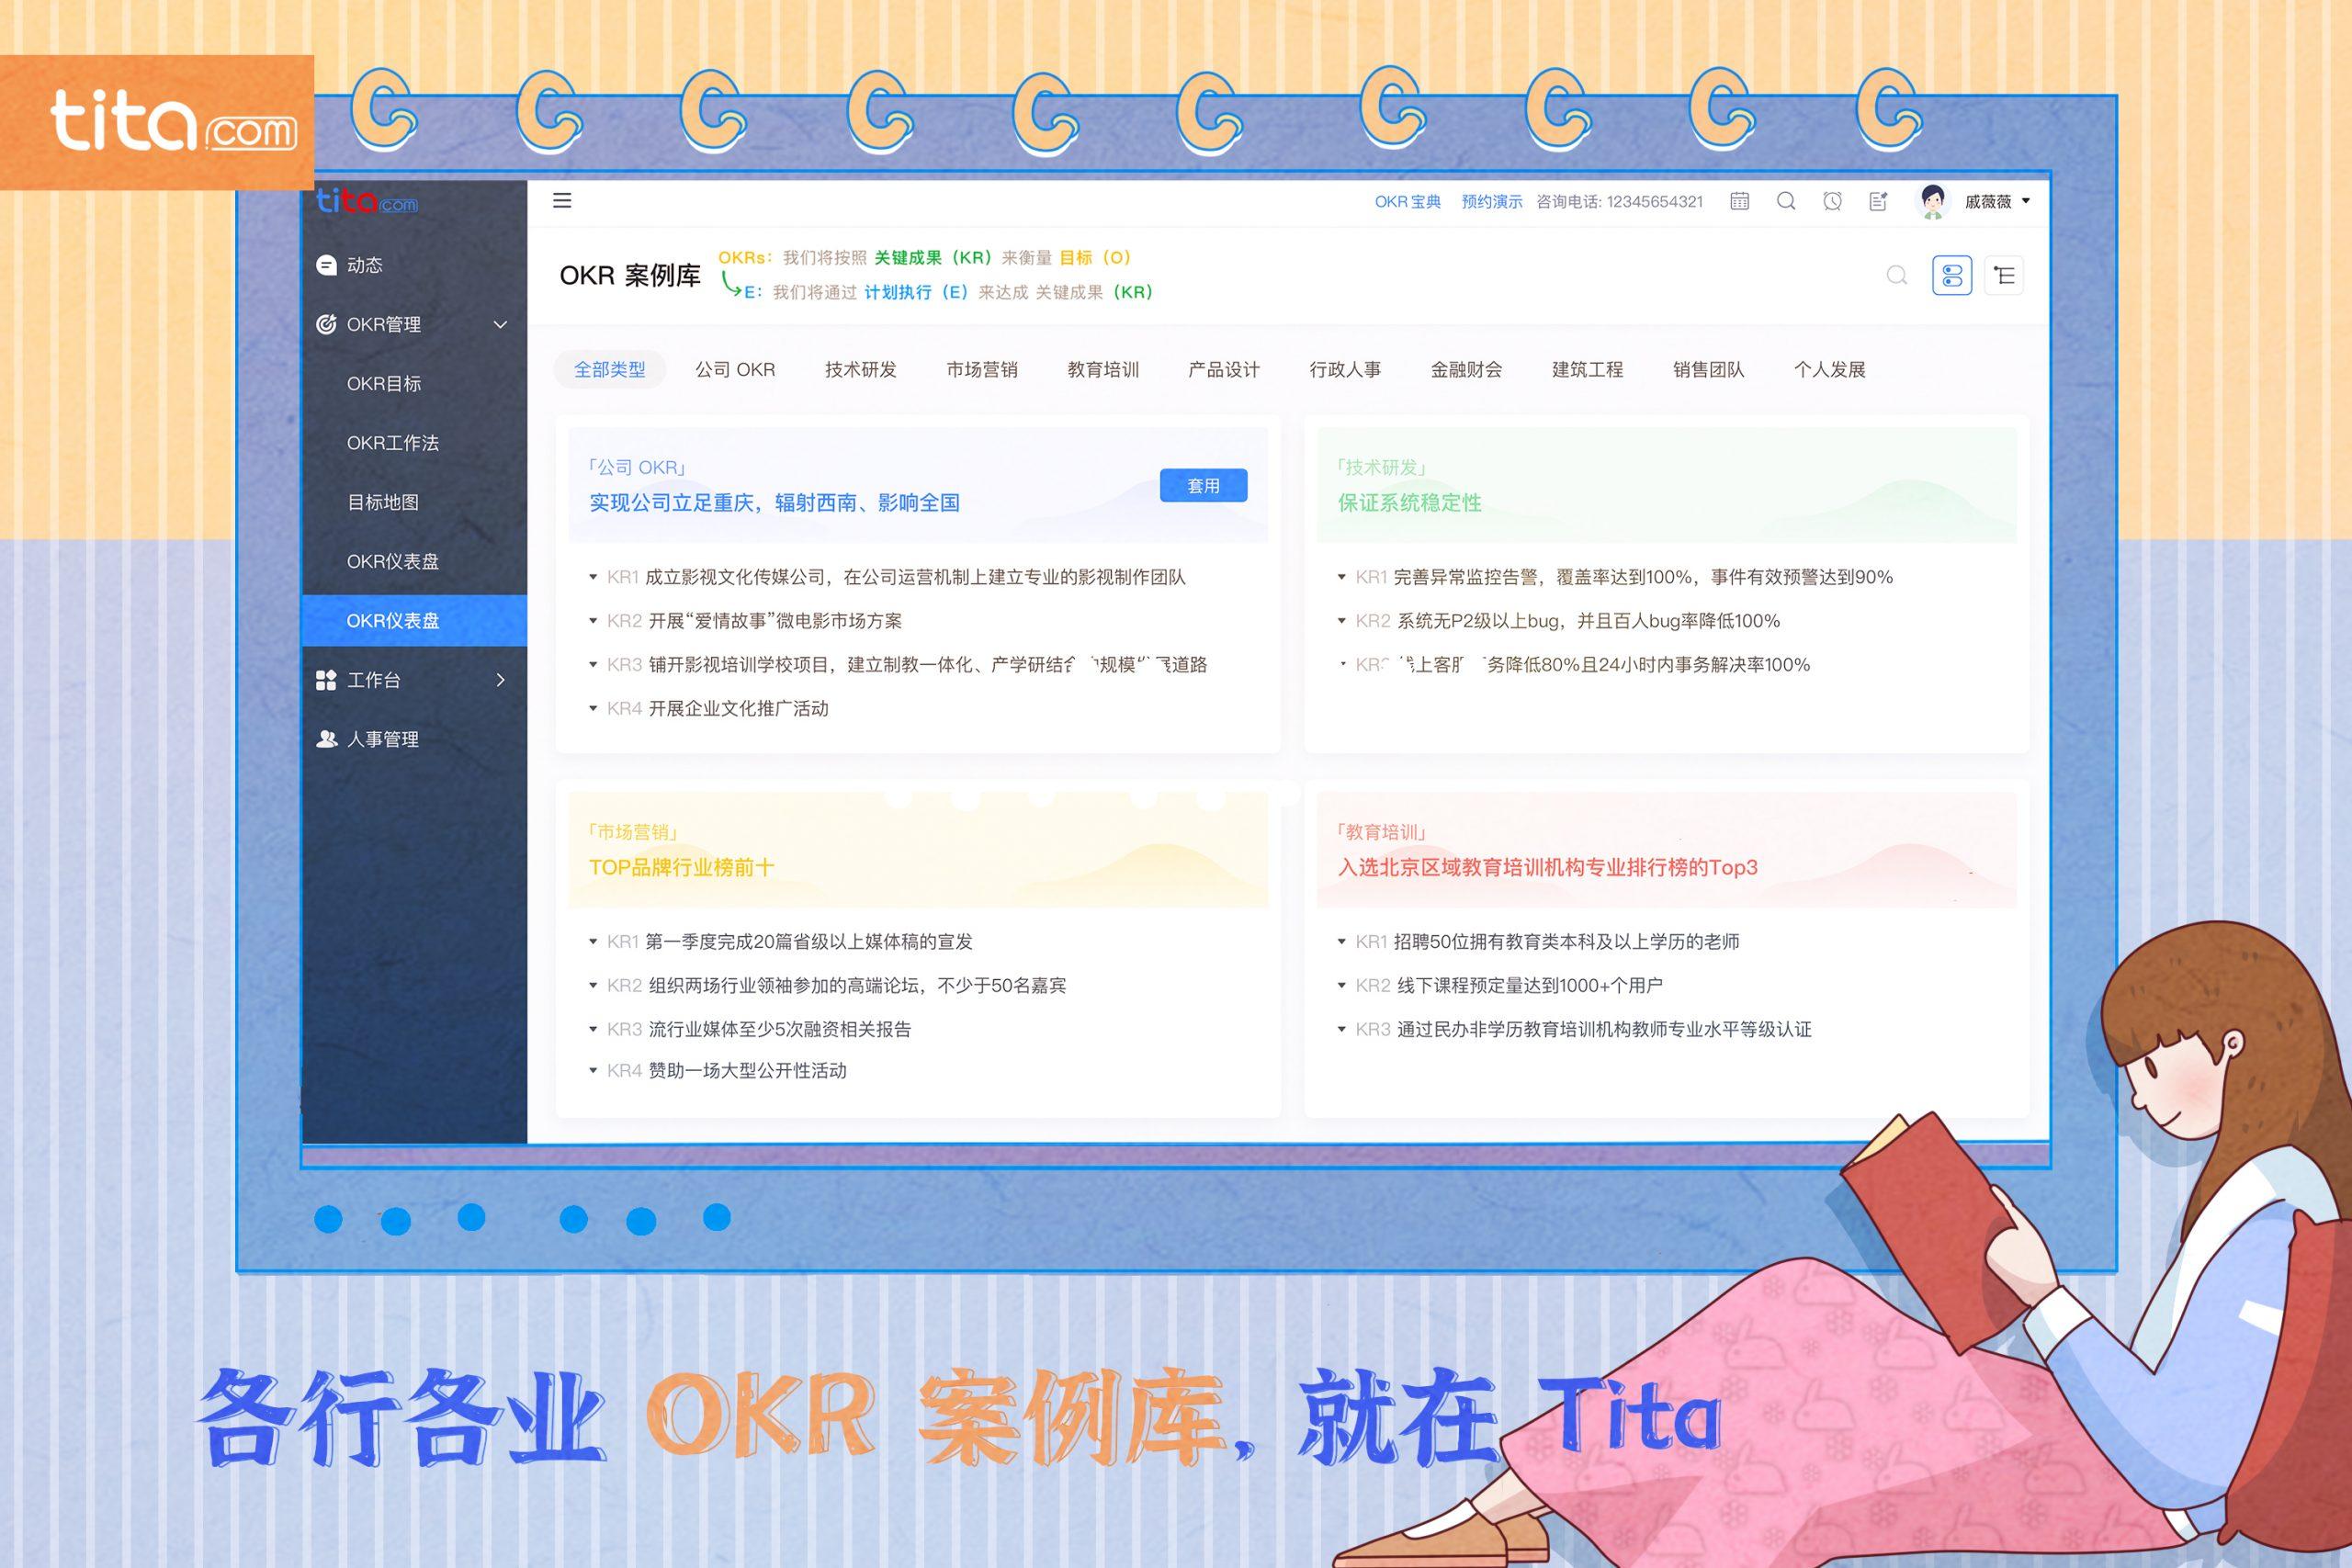 """Tita的OKR:如何用""""结果""""设置正确的KR?"""